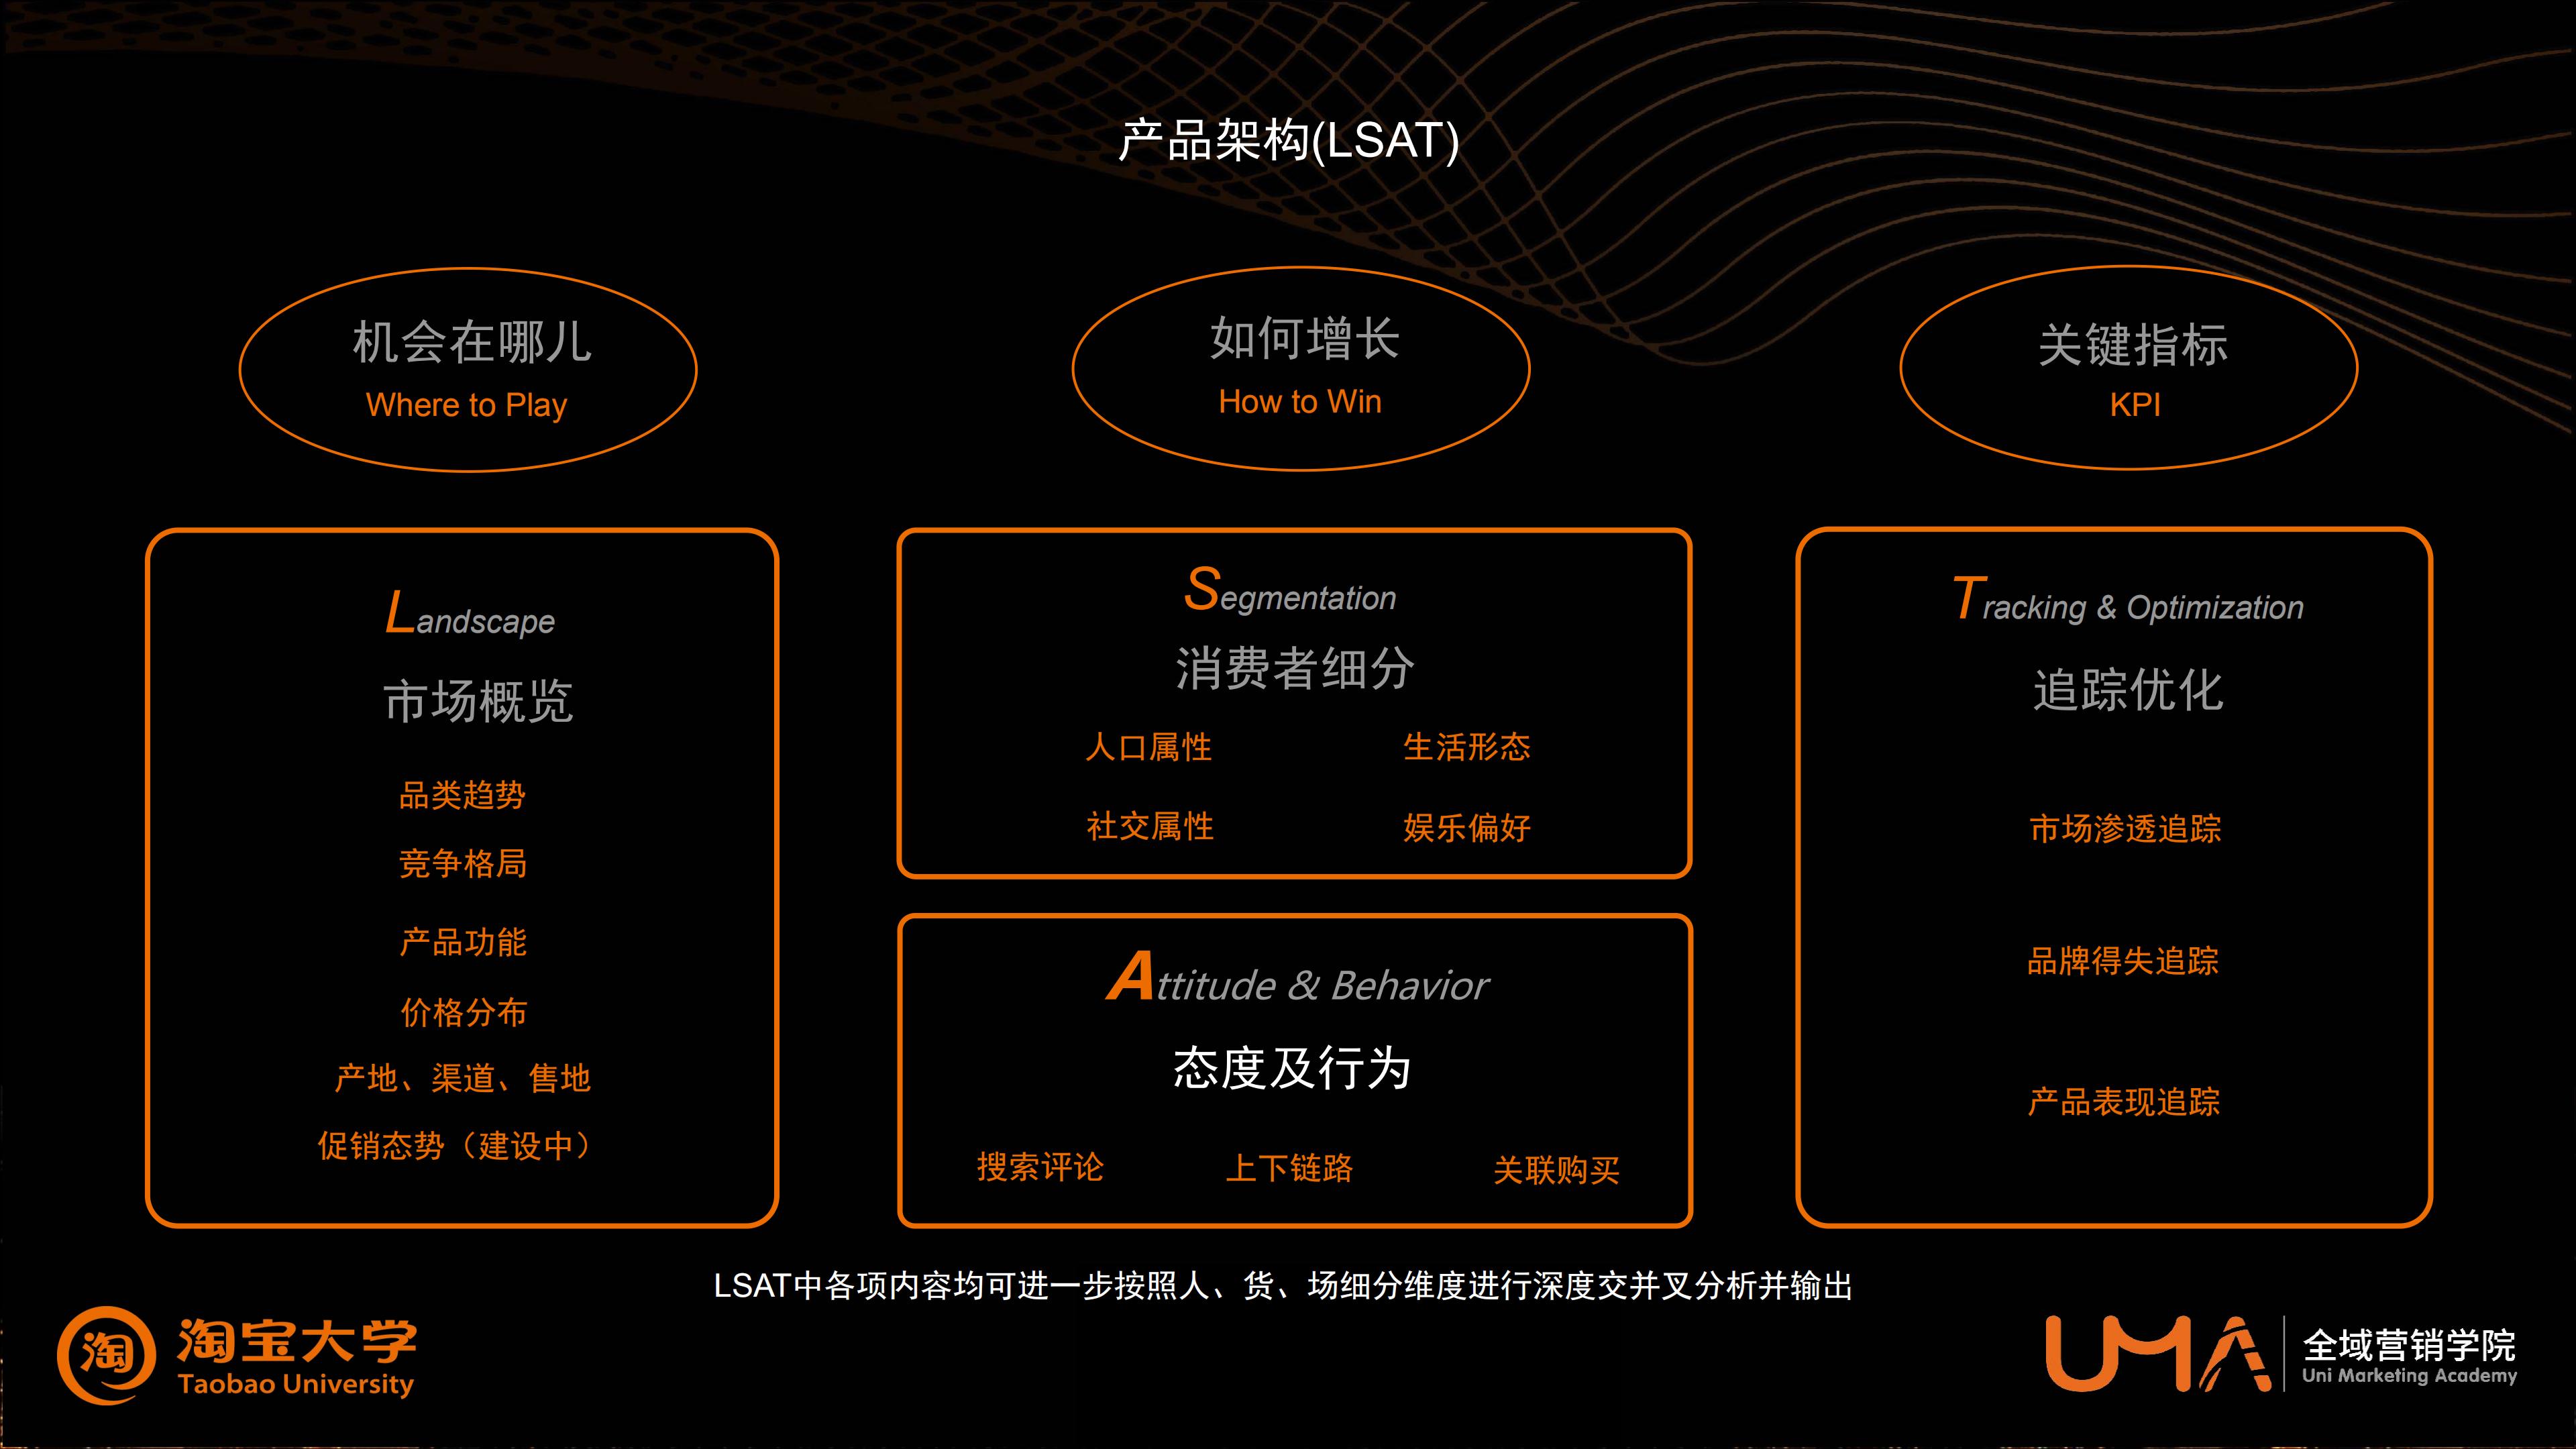 策略中心 - 2+8 应用场景(上)